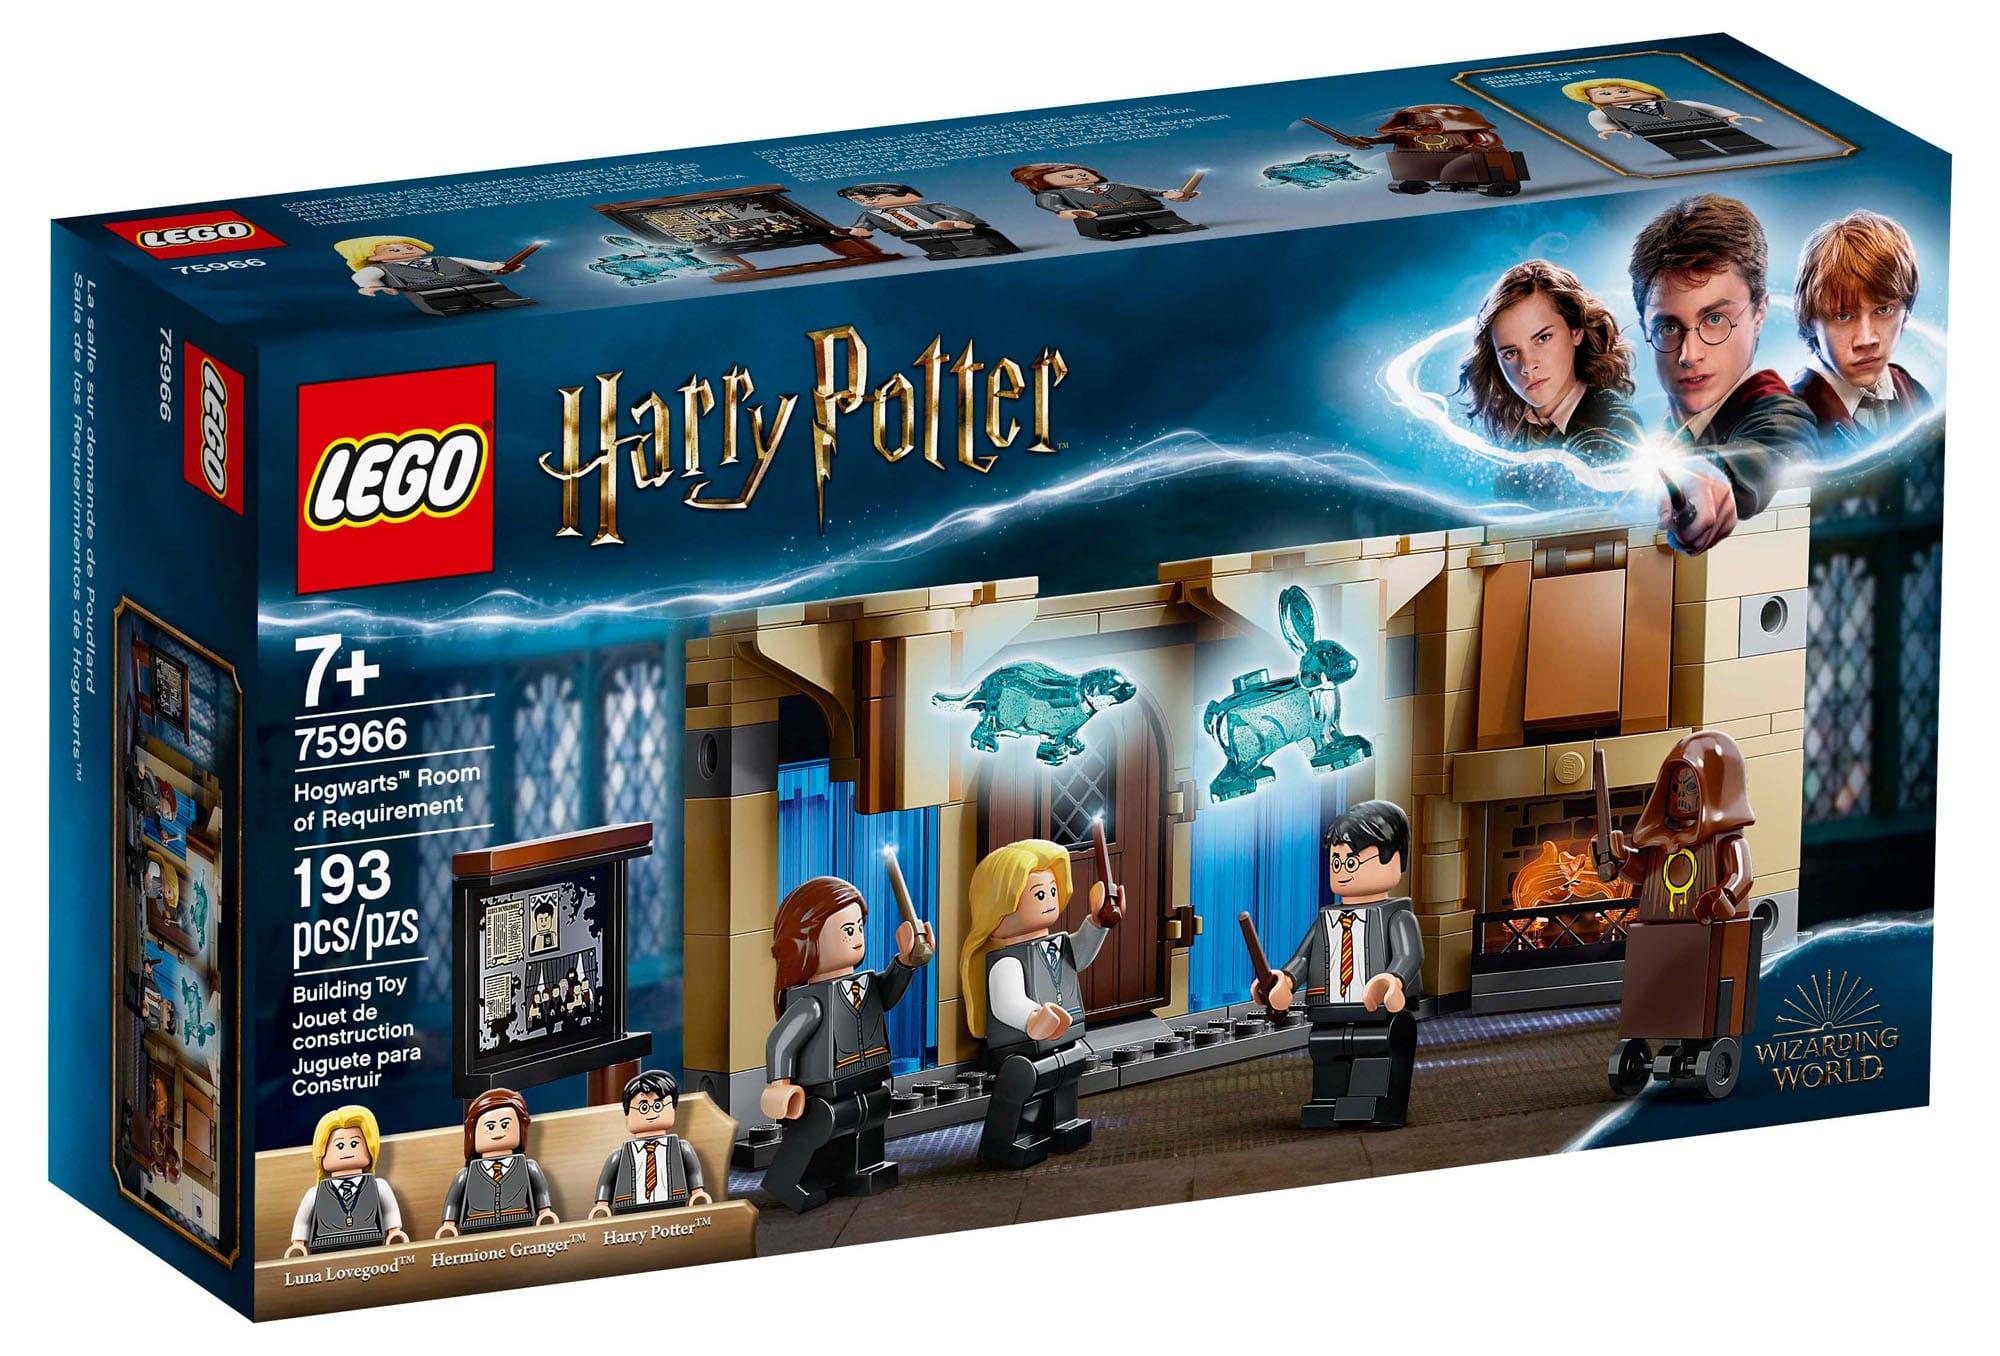 Neue Lego Harry Potter Sets Bei Toypro Erhaltlich Toypro Com